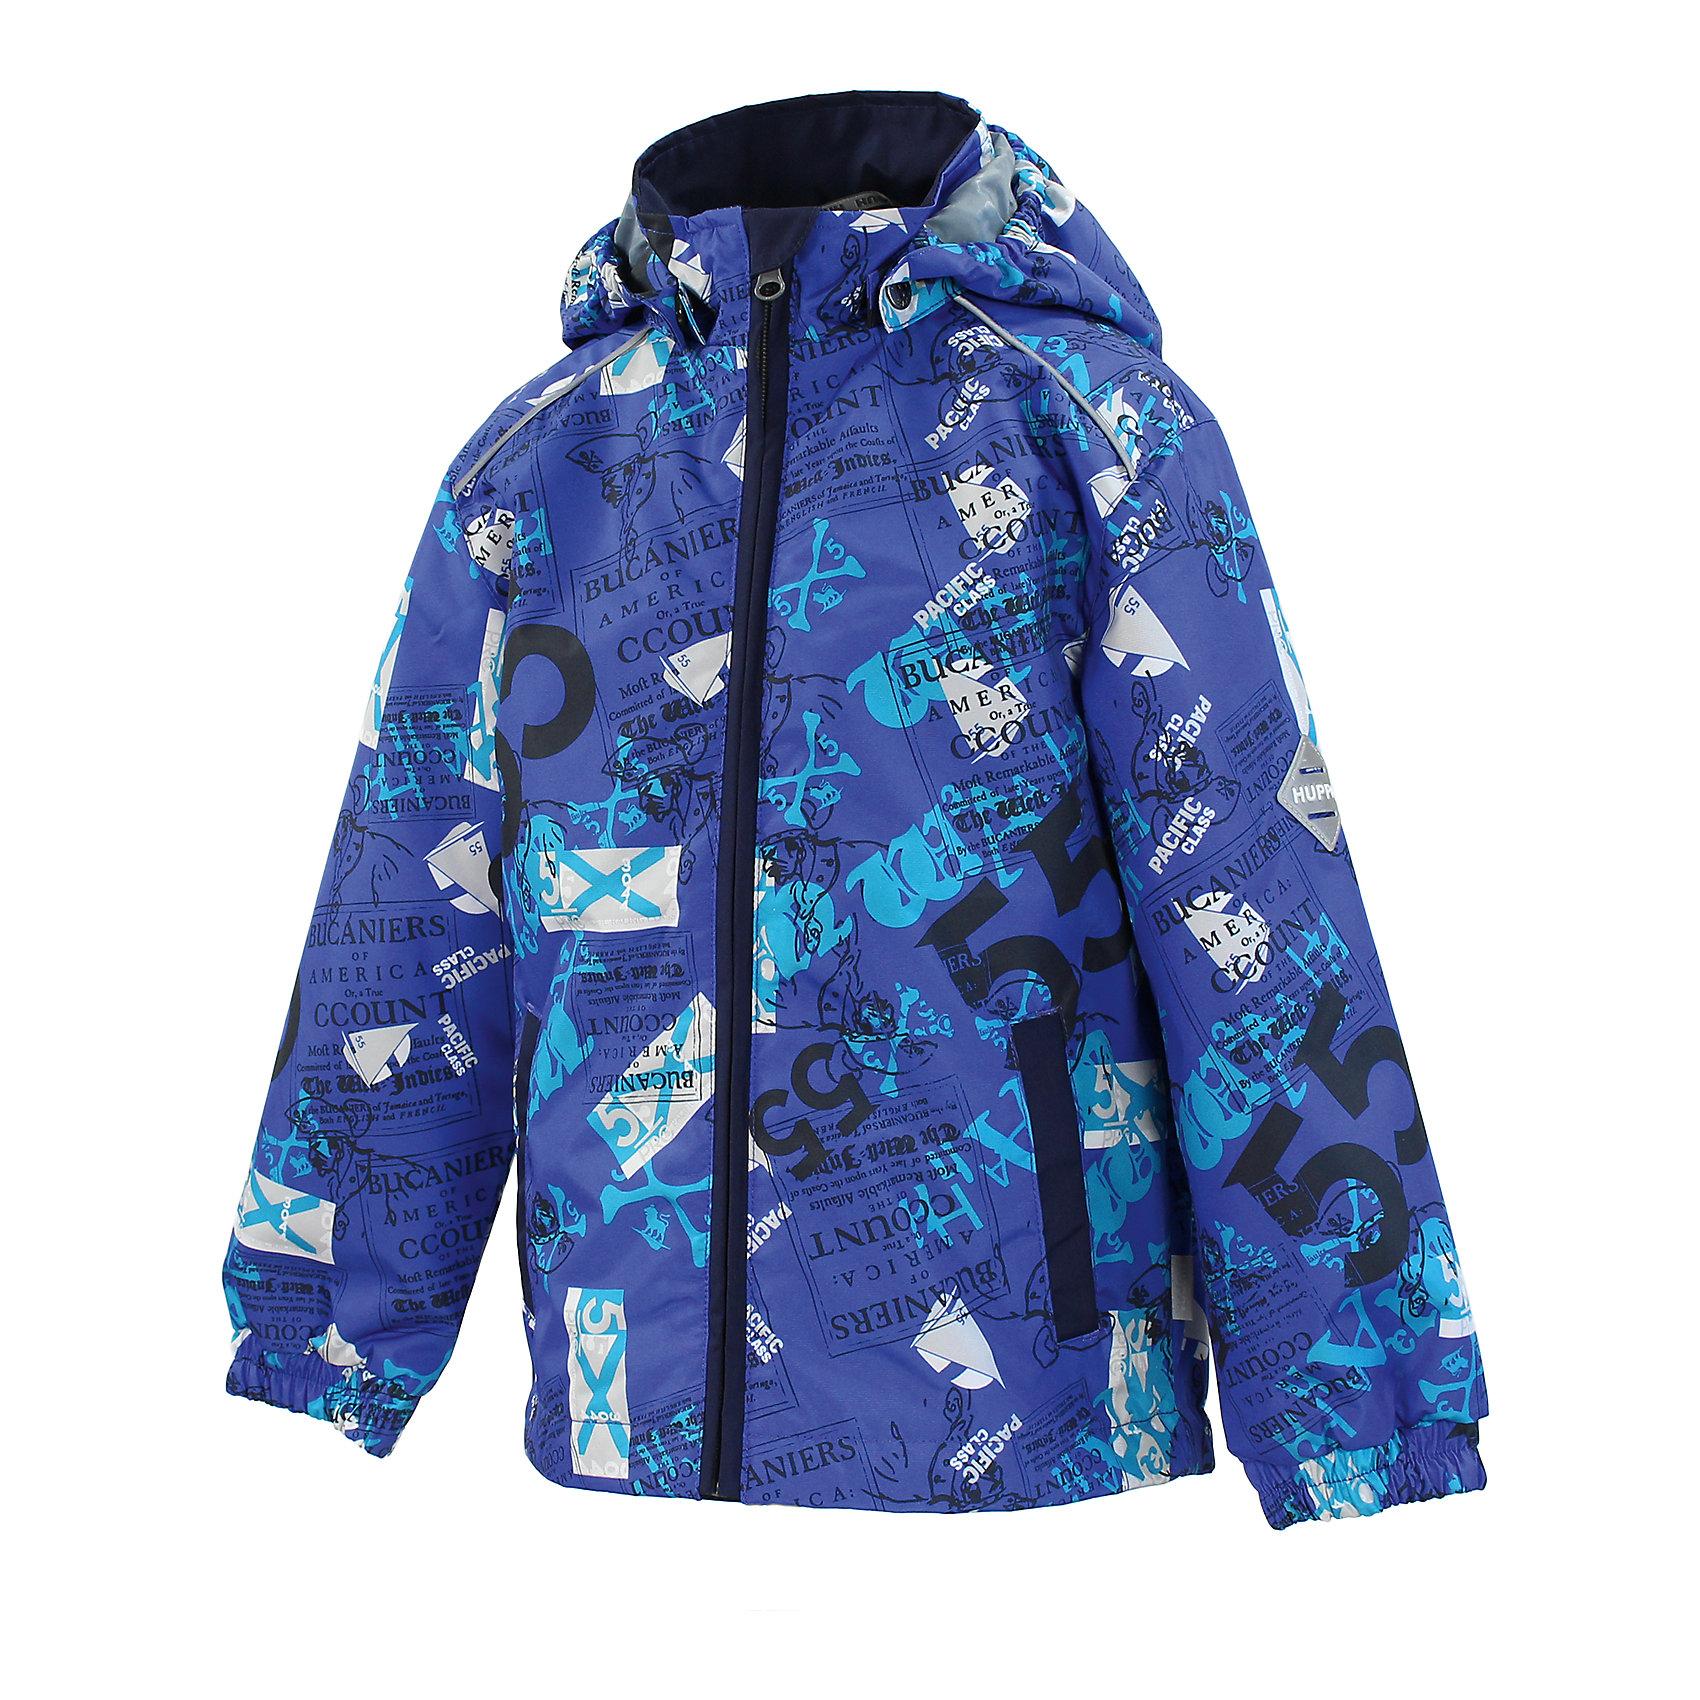 Куртка для мальчика HuppaHuppaTherm 40 грамм<br>Высокотехнологичный лёгкий синтетический утеплитель нового поколения, сохраняет объём и высокую теплоизоляцию изделия, а также легко стирается и быстро сохнет.<br><br>Влагоустойчивая и дышащая ткань 10 000/ 10 000<br>Мембрана препятствует прохождению воды и ветра сквозь ткань внутрь изделия, позволяя испаряться выделяемой телом, образовывающейся внутри влаге.<br><br>Прочная ткань<br>Сплетения волокон в тканях выполнены по специальной технологии, которая придаёт ткани прочность и предохранят от истирания.<br><br>Светоотражательные детали<br>При плохих погодных условиях или в темноте, когда свет падает на одежду, он отражается, делая ребёнка более заметным, уменьшая возможность несчастных случаев.<br><br>Дополнительная информация:<br><br>Температурный режим: от 0 до +10 С<br>Ткань: 100% полиэстер<br>Подкладка: тафта - 100% полиэстер<br>Утеплитель: 100% полиэстер 40г.<br><br>Куртку для мальчика Huppa можно купить в нашем магазине.<br><br>Ширина мм: 356<br>Глубина мм: 10<br>Высота мм: 245<br>Вес г: 519<br>Цвет: синий<br>Возраст от месяцев: 36<br>Возраст до месяцев: 48<br>Пол: Мужской<br>Возраст: Детский<br>Размер: 104,116,134,98,92,128,122,110<br>SKU: 4595304